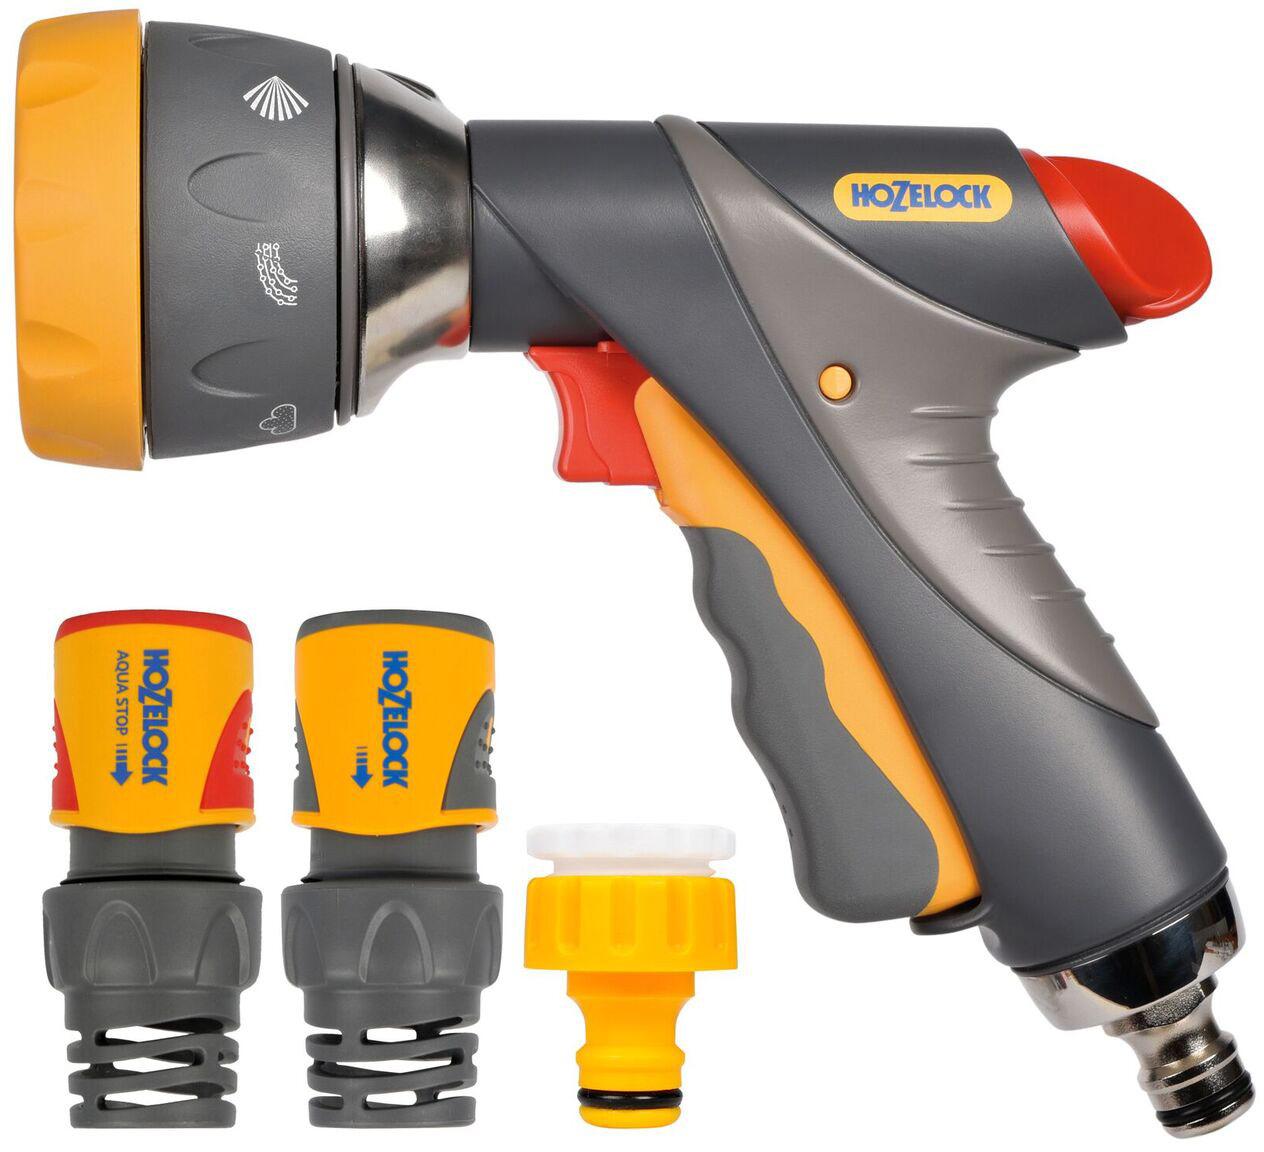 """Набор для полива HoZelock 2373 мulti Spray Pro 12,5мм В комплекте: Пистолет-распылитель мutli Spray Pro 2694, Коннектор для концов шлангов Plus (15 мм и 19 мм) 2060, Коннектор aquastop Plus (15 мм и 19 мм) 2065, Коннектор для крана вне помещений 1/2""""-3/4"""" (12,5 мм и 19 мм) Готовый набор с высококачественными принадлежностями для присоединения шланга к крану и поливочной насадкой-пистолетом с несколькими режимами полива для проведения поливочных работ."""